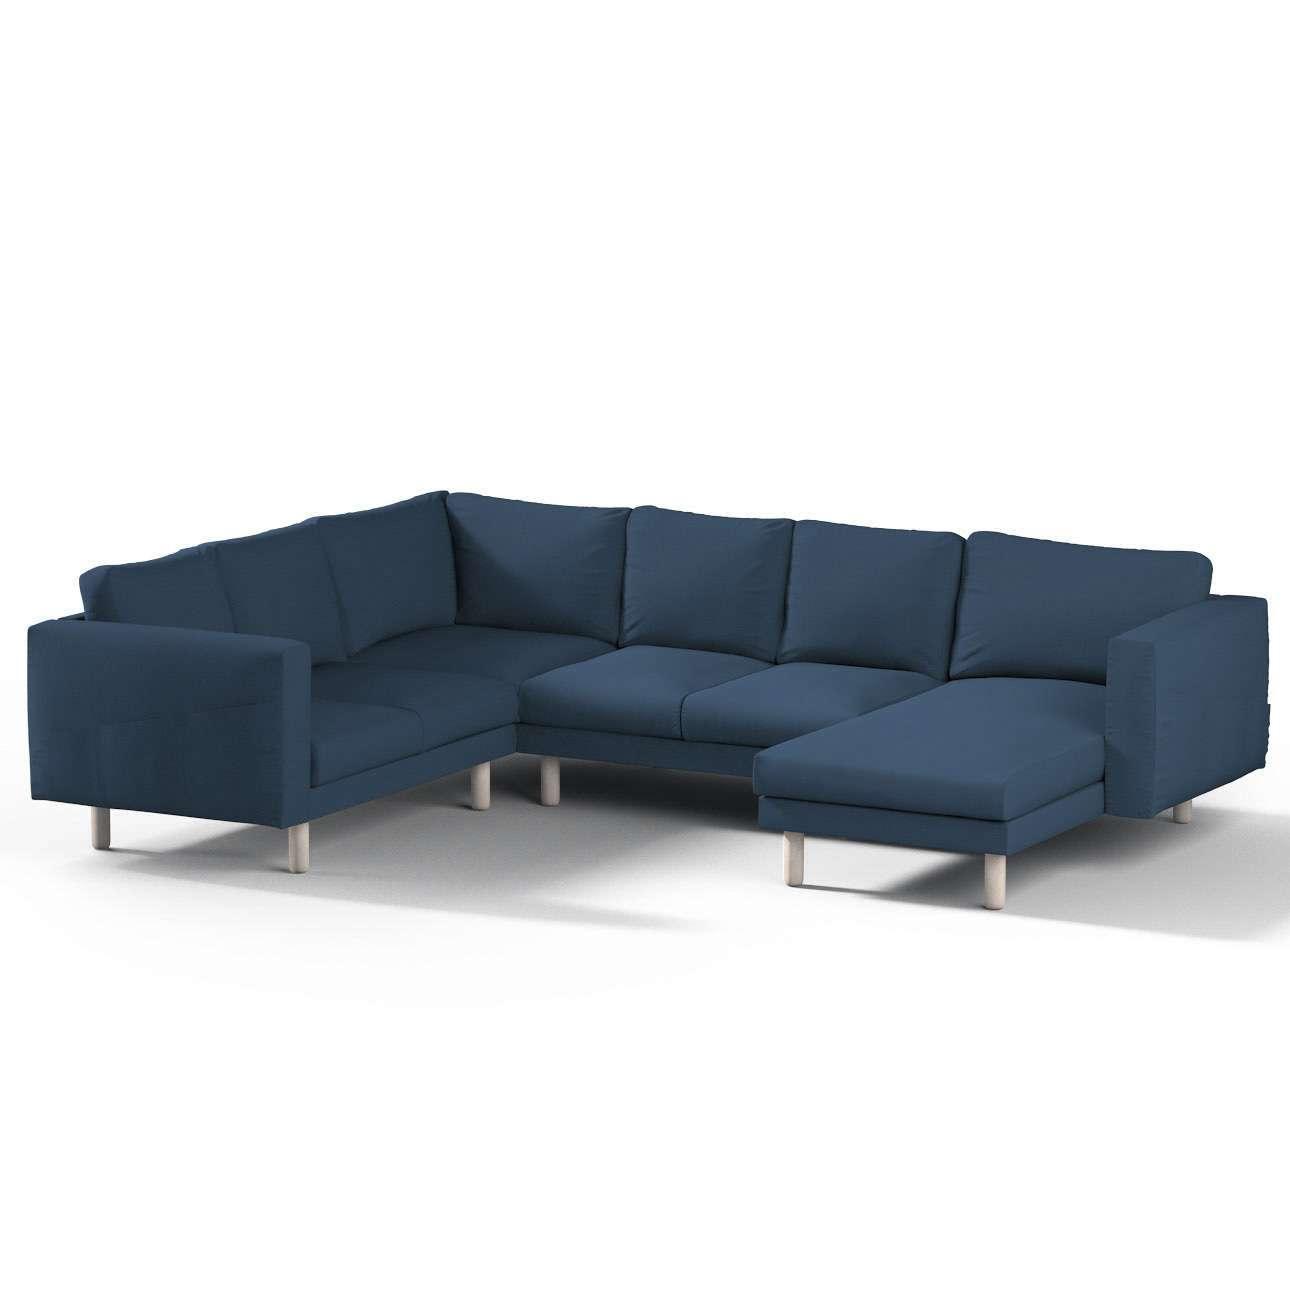 Norsborg hoes voor 5 zits hoekbank met chaise longue